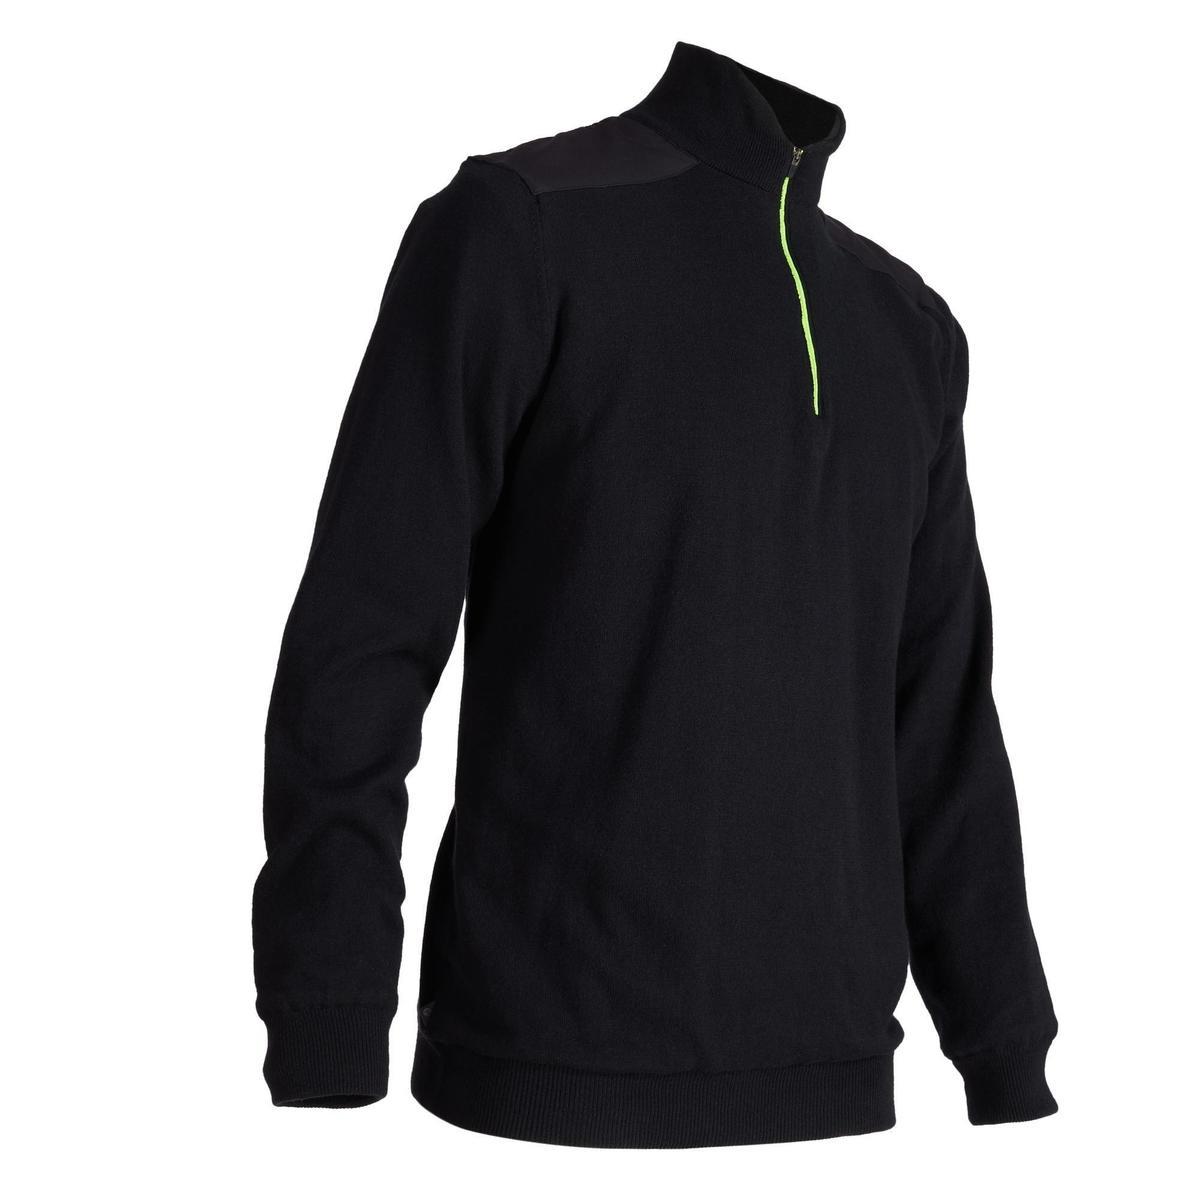 Bild 1 von Golf Pullover winddicht warm Herren schwarz